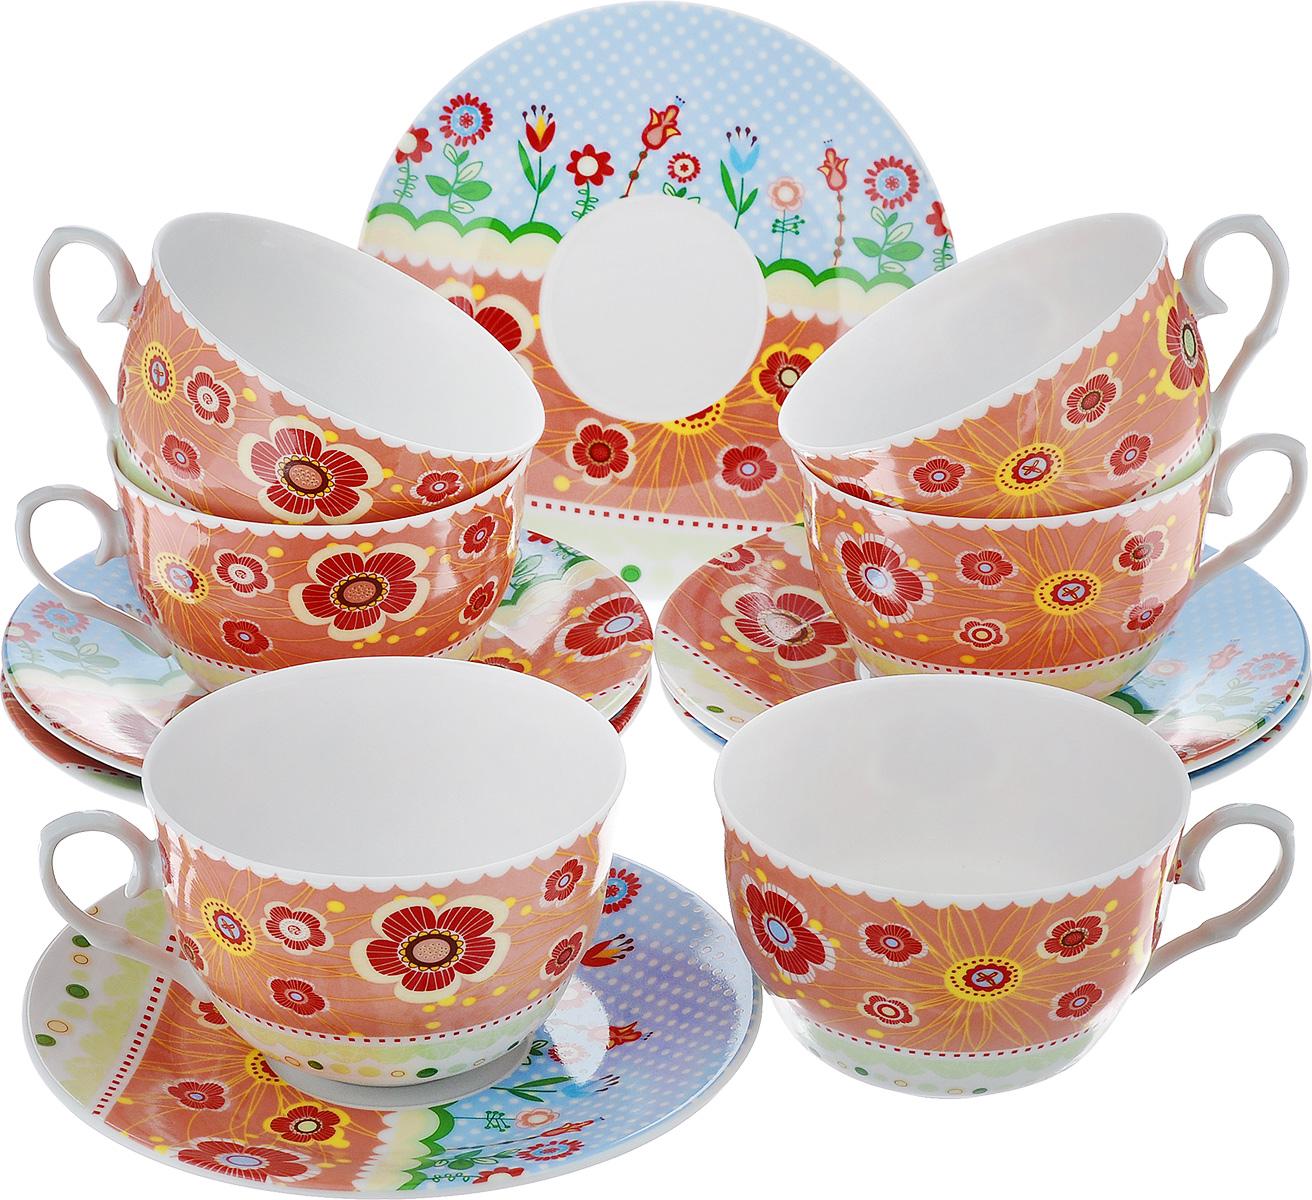 Чайный набор LarangE Фьюжн, цвет: оранжевый, голубой, 12 предметов586-317Чайный набор LarangE Фьюжн состоит из шести чашек и шести блюдец, изготовленных из фарфора. Предметы набора оформлены изящным ярким рисунком. Чайный набор LarangE Фьюжн украсит ваш кухонный стол, а также станет замечательным подарком друзьям и близким. Объем чашки: 250 мл. Диаметр чашки по верхнему краю: 9 см. Высота чашки: 6 см. Диаметр блюдца: 14,5 см.